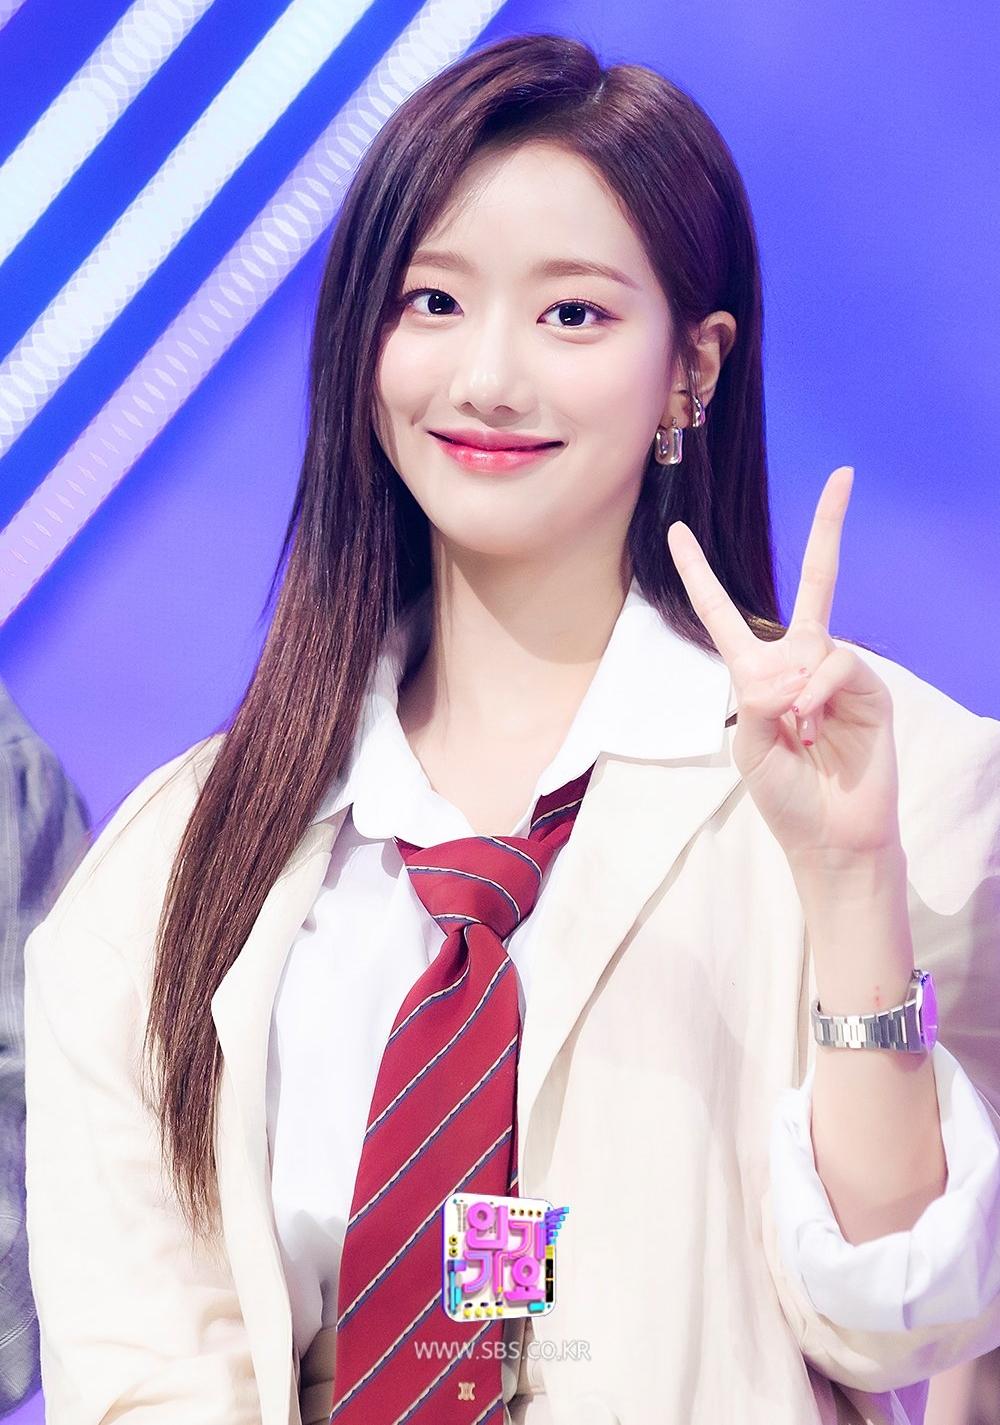 Mặc dù April là nhóm nhạc ít tên tuổi, cô nàng vẫn quen mặt với khán giả nhờ làm MC show Inkigayo...